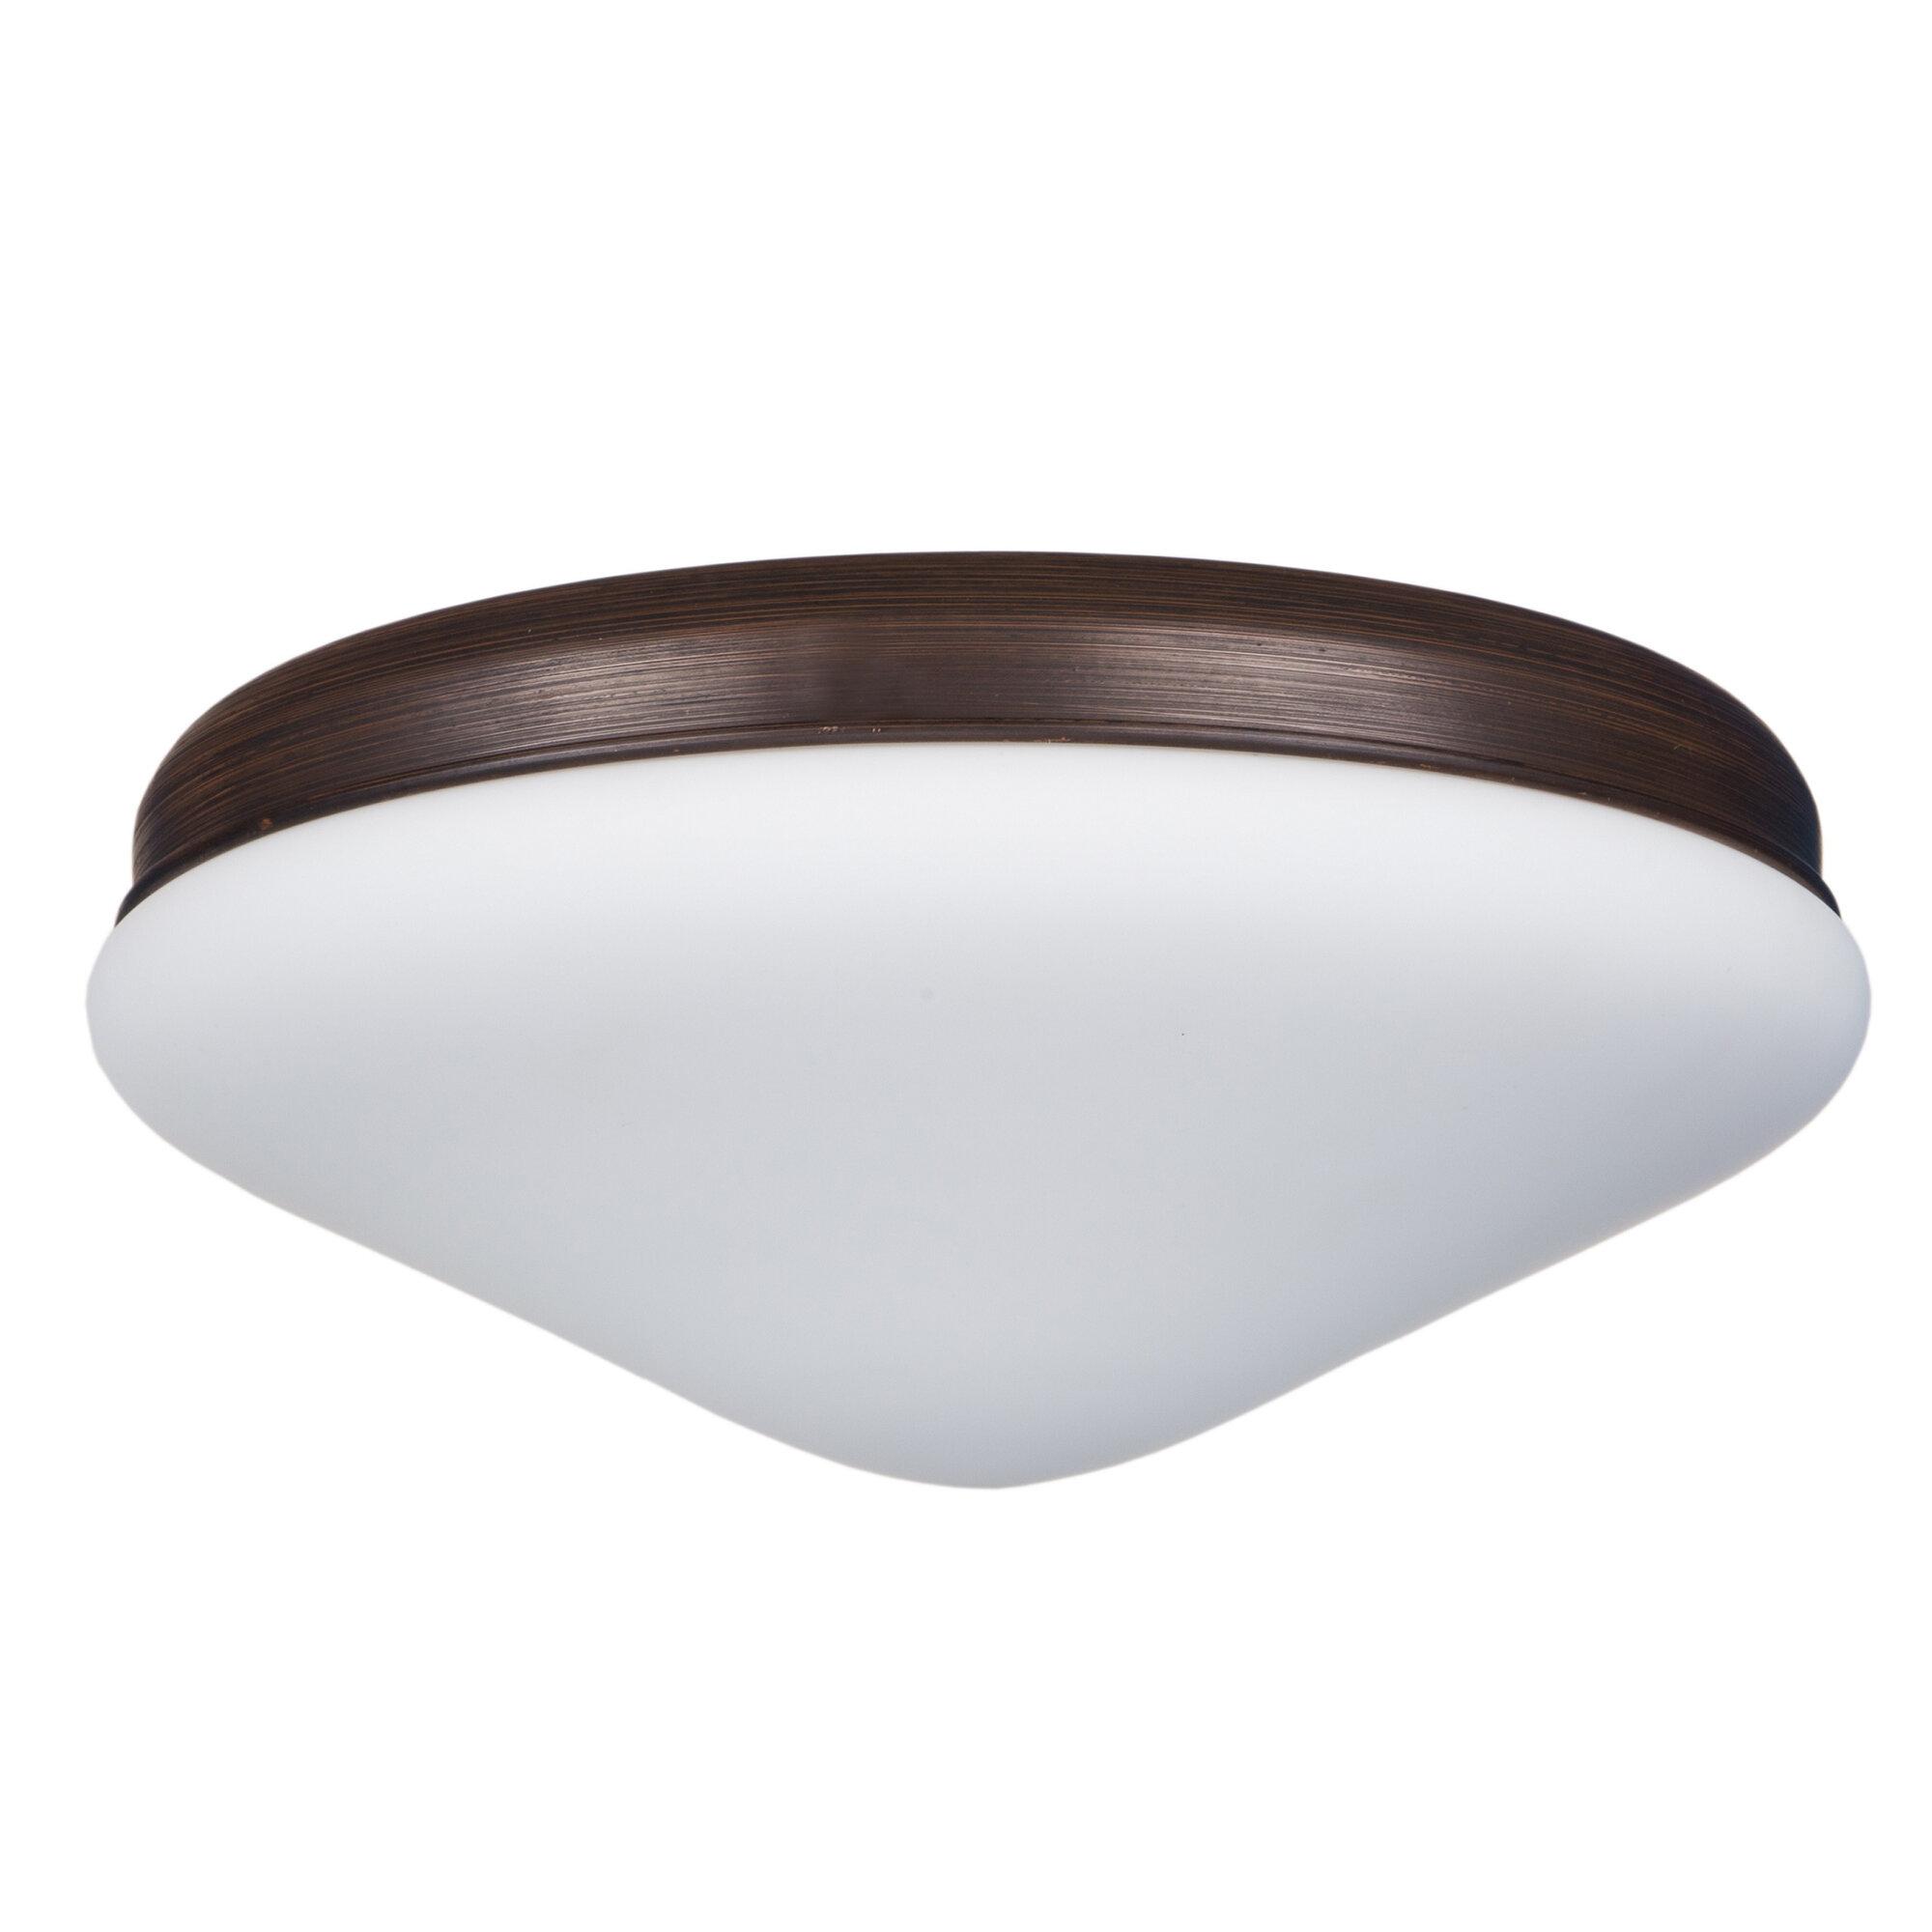 Y Decor Big Joe 2 Light Schoolhouse Ceiling Fan Light Kit